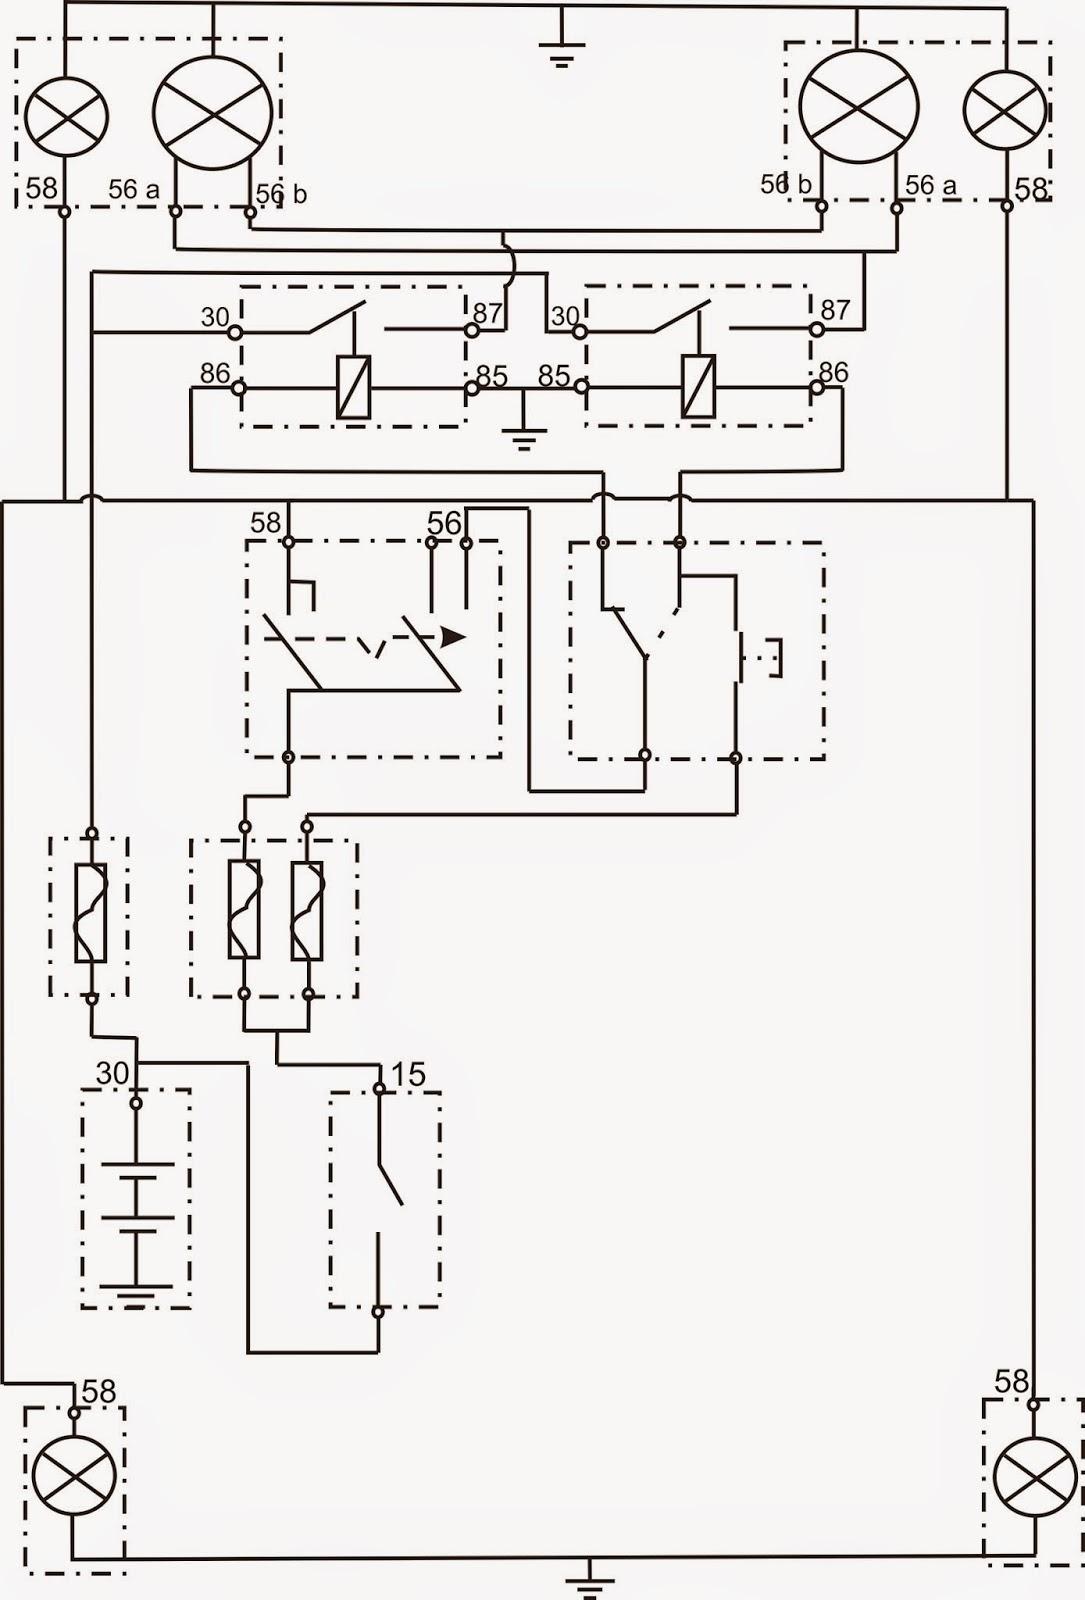 Diagram Wiring Diagram Lampu Kepala Mobil Full Version